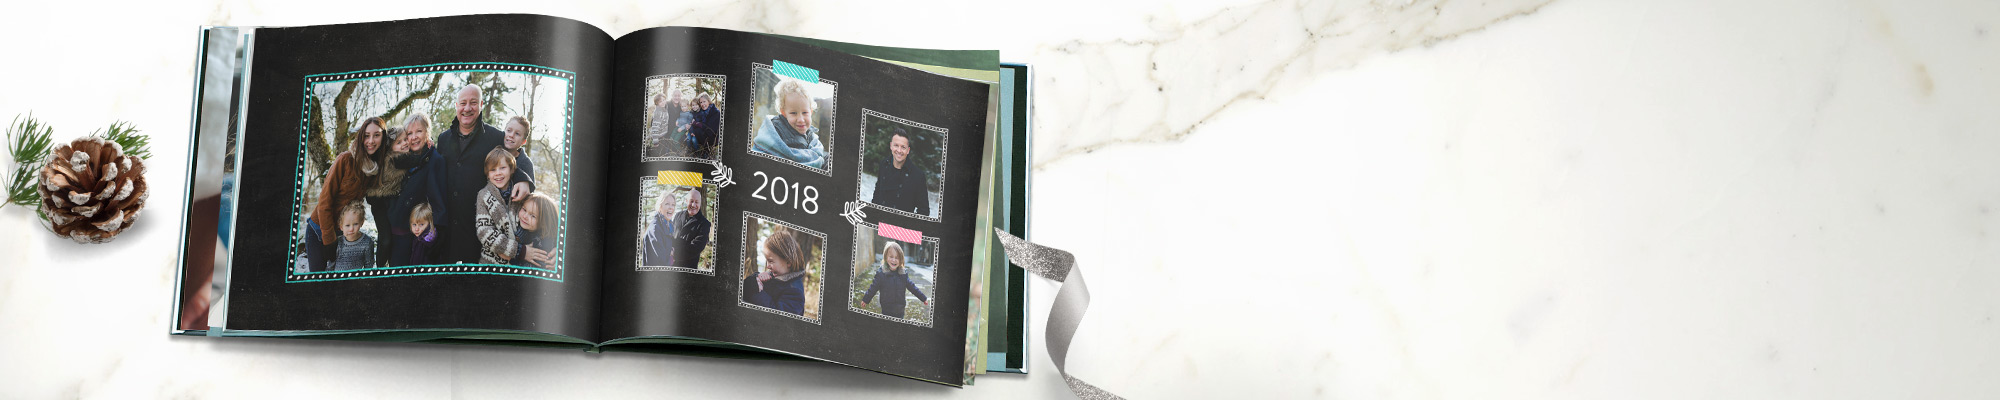 Livres et albums photo personnalisés en ligne